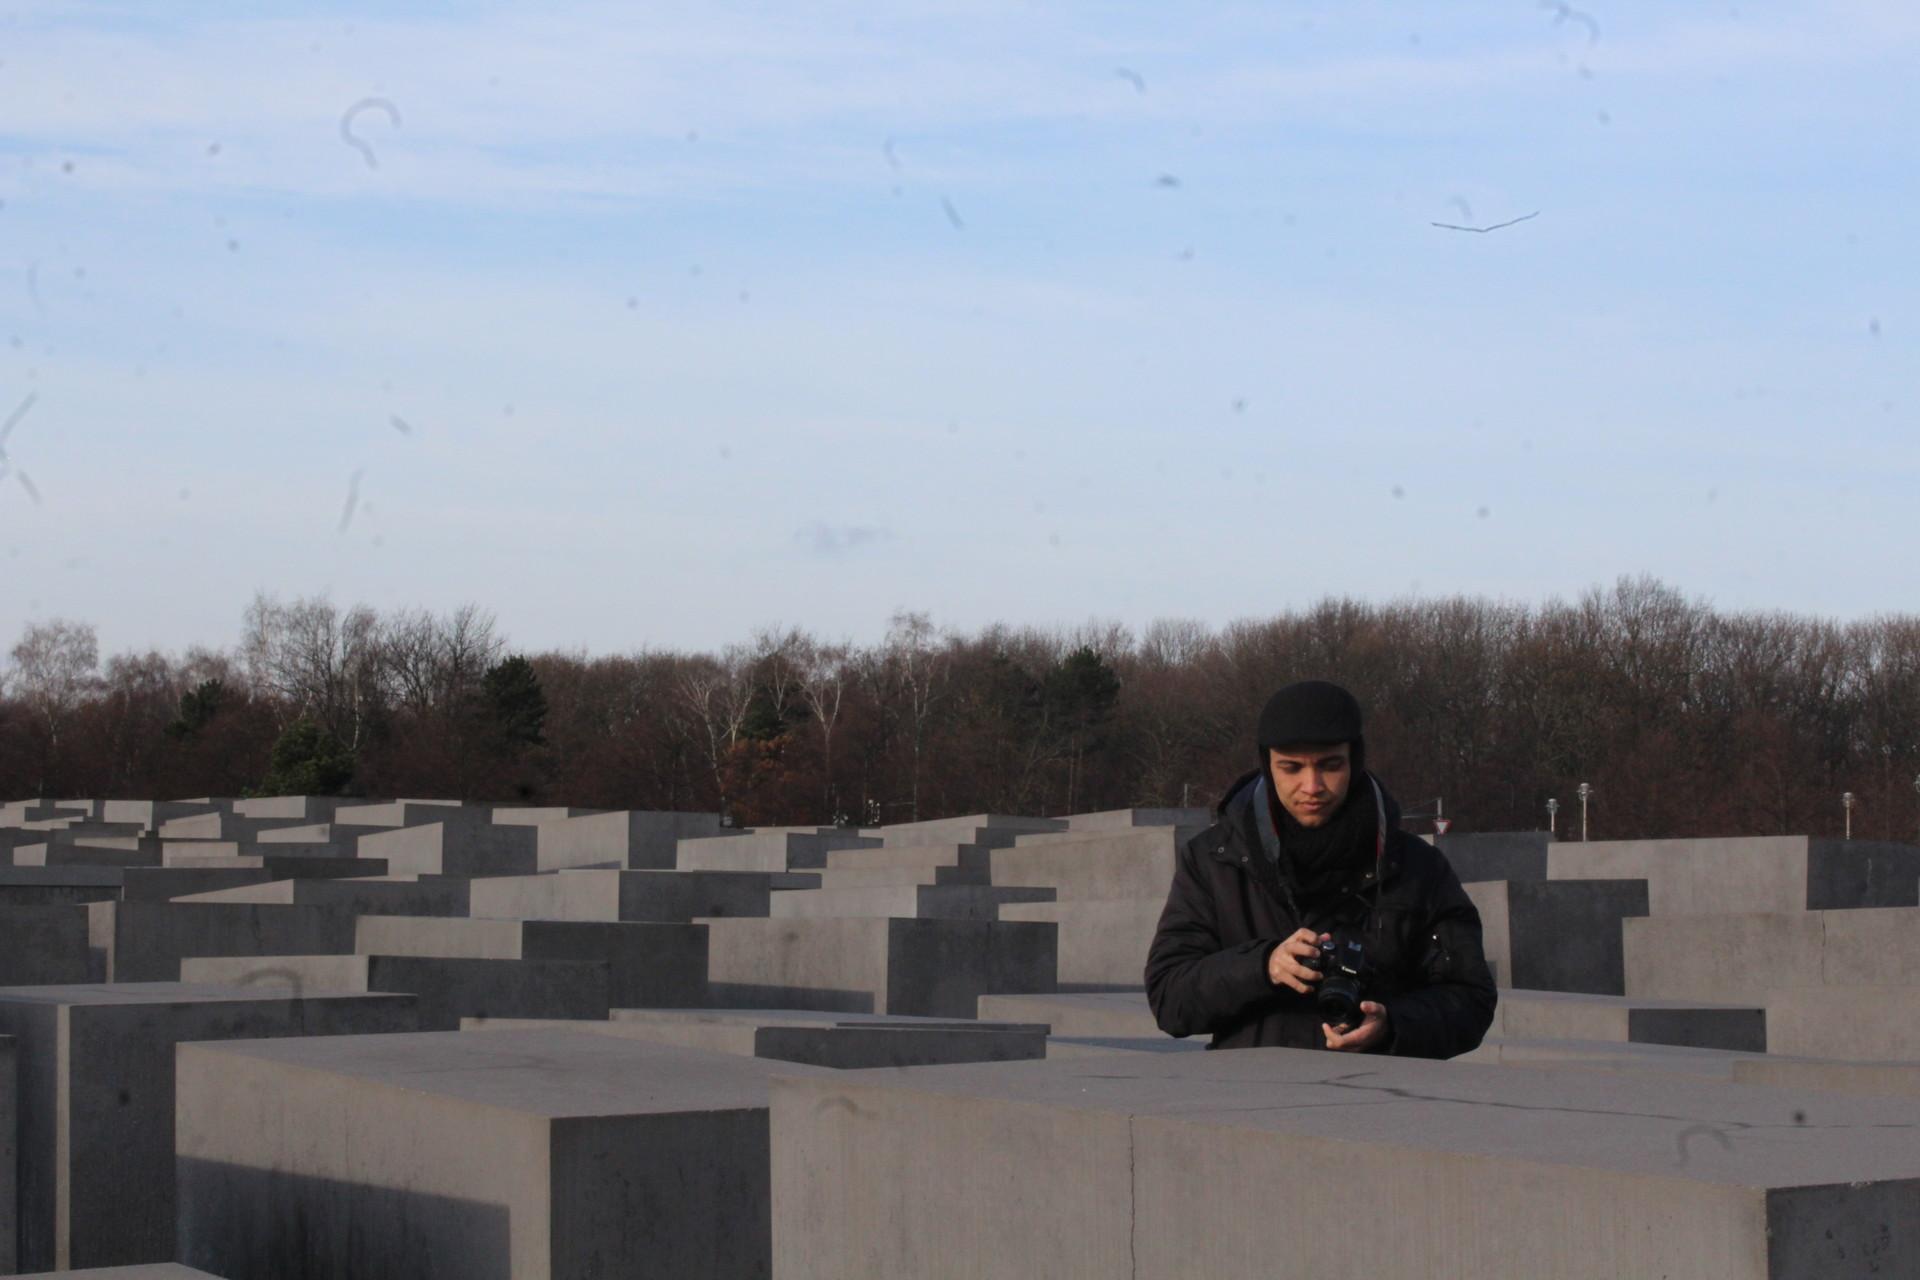 Una experiencia para reflexionar, la mejor manera de conocer Alemania.